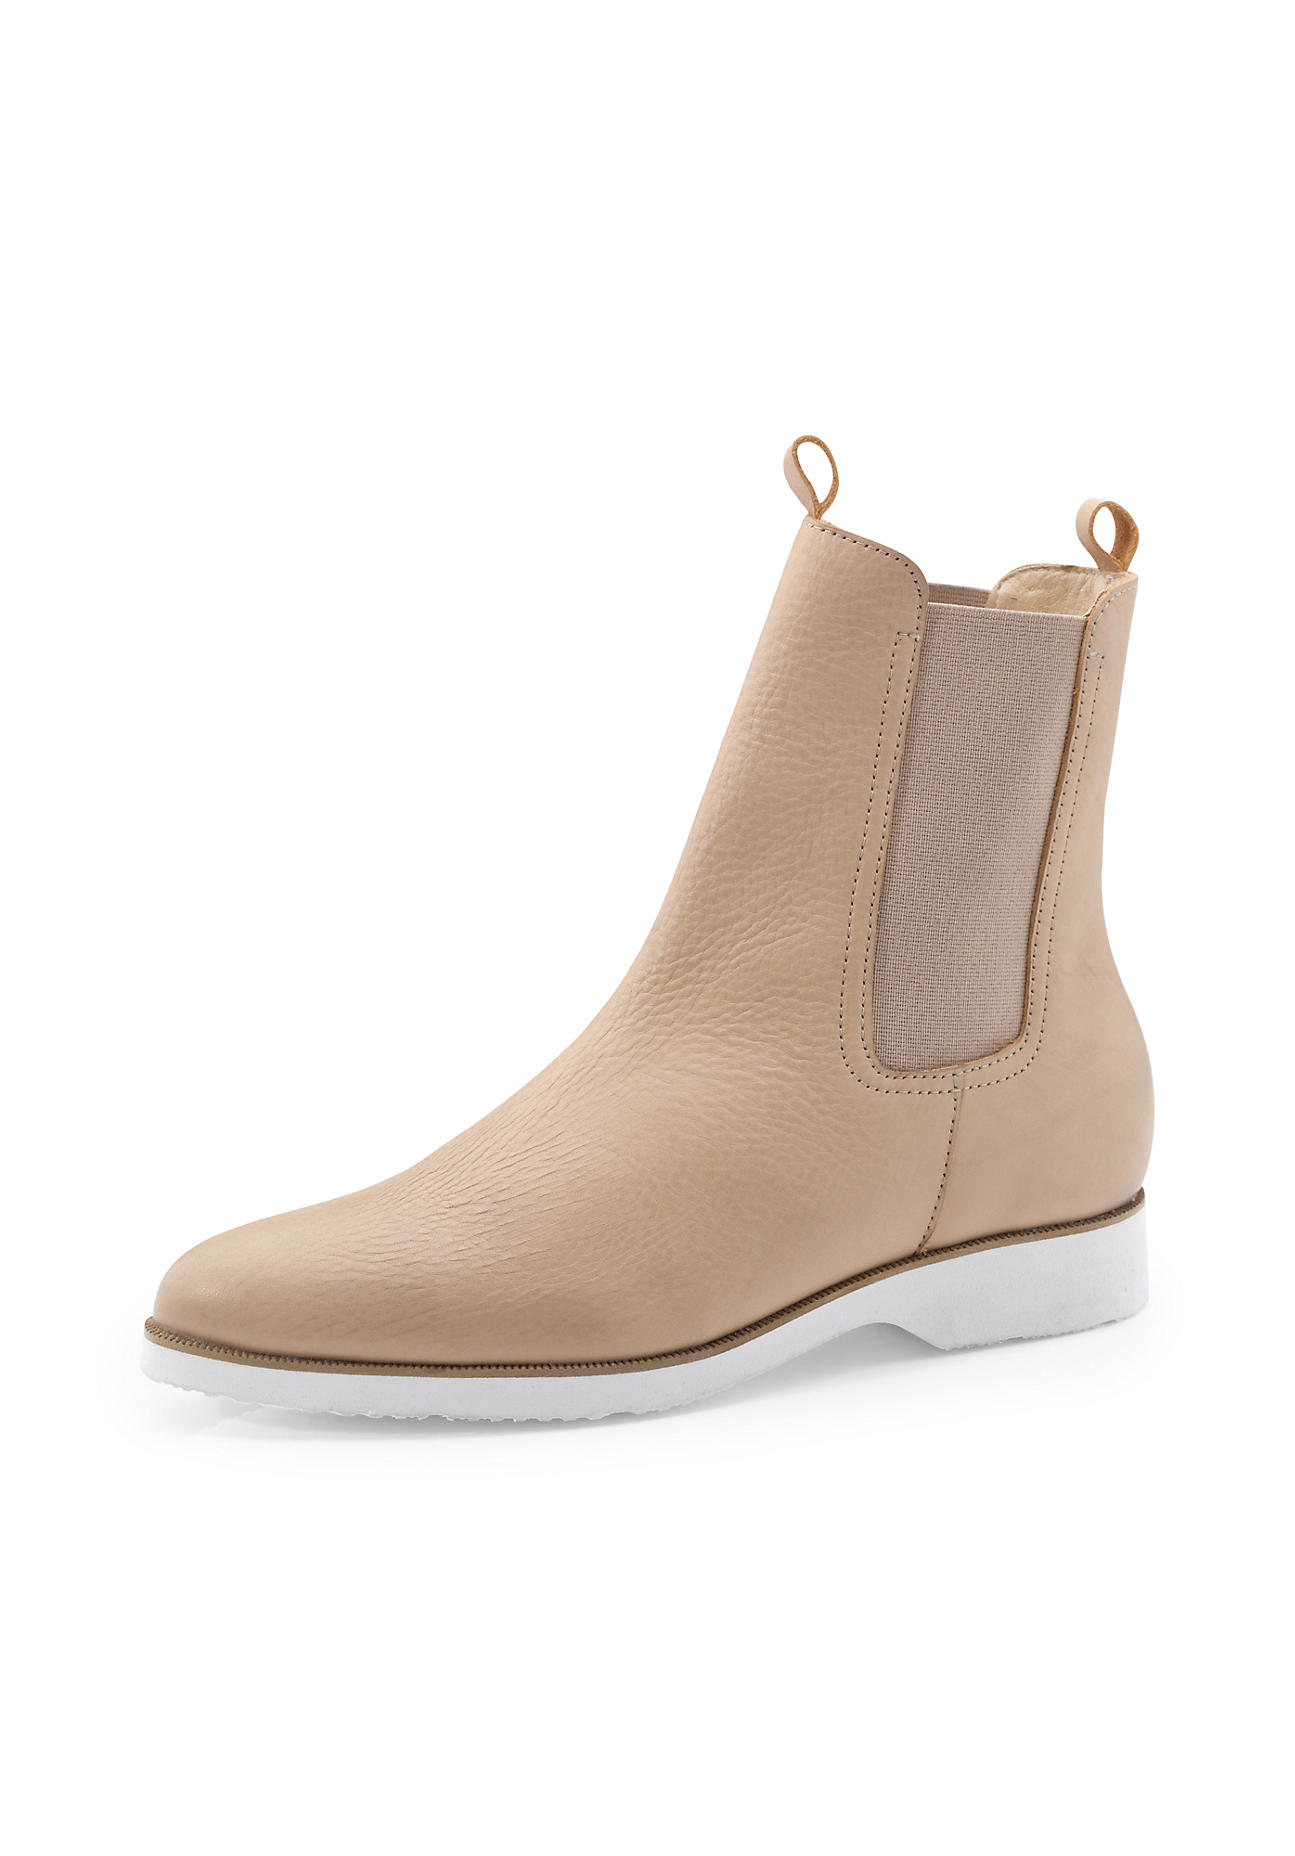 hessnatur Damen Damen Chelsea Boots – rosa – Größe 38